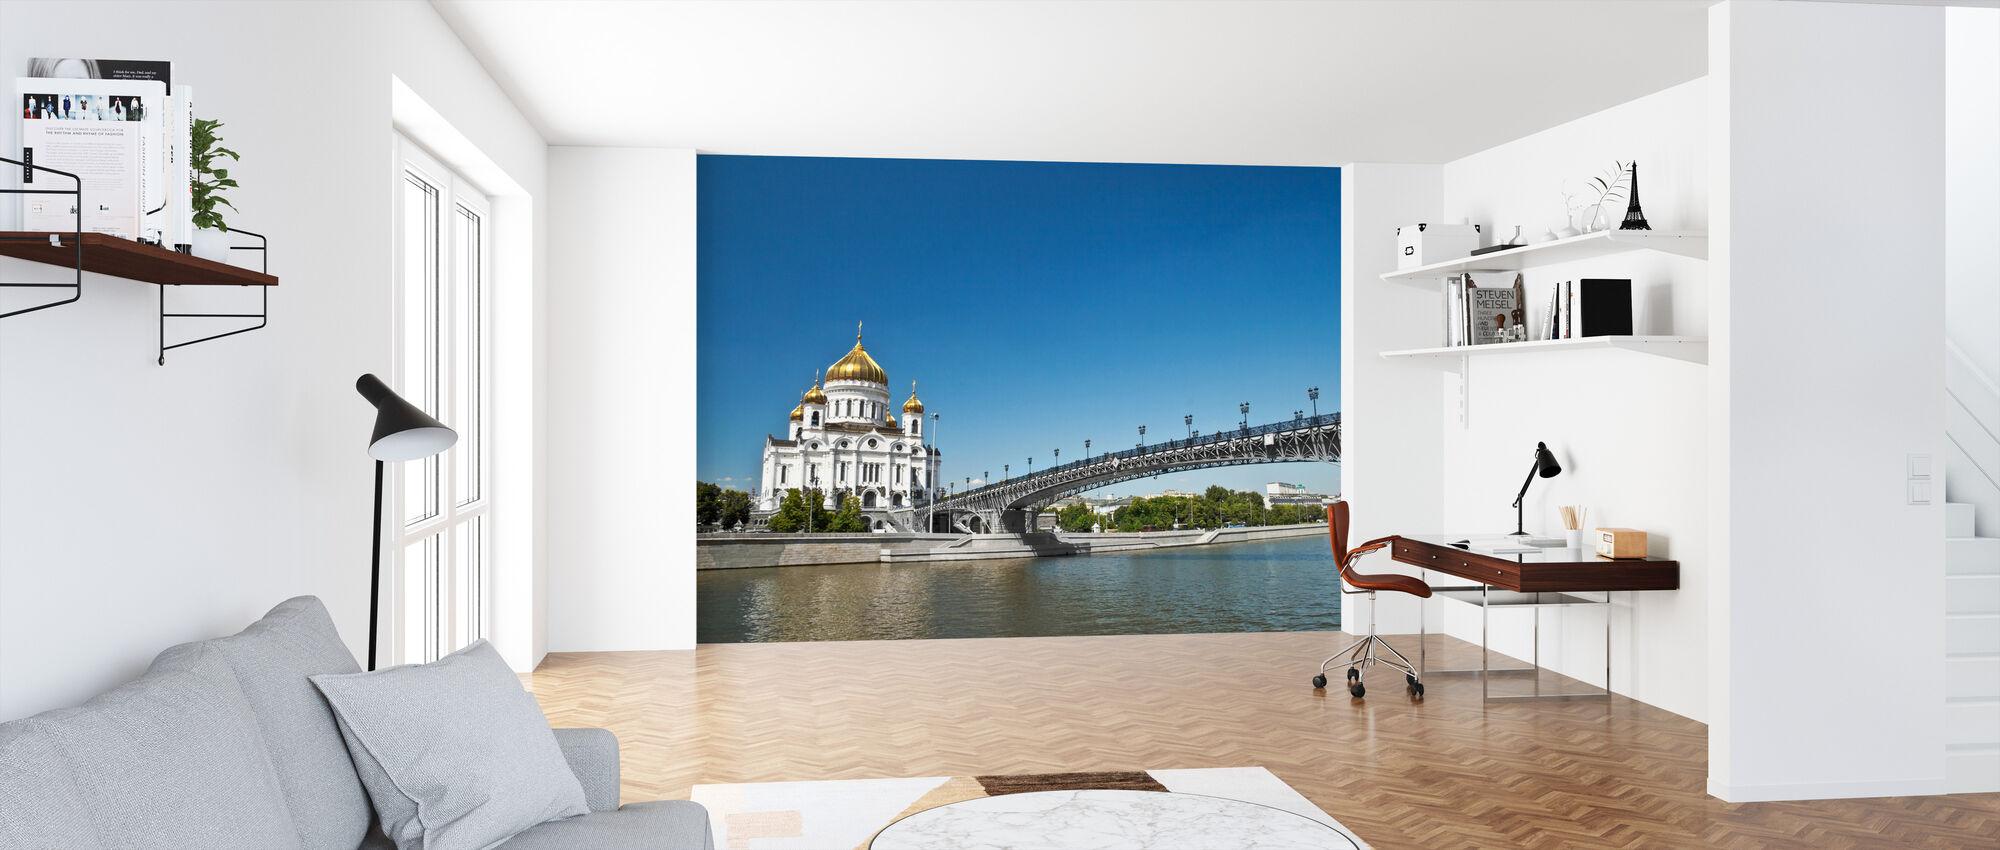 Katedral på Moskvas flodbank - Tapet - Kontor